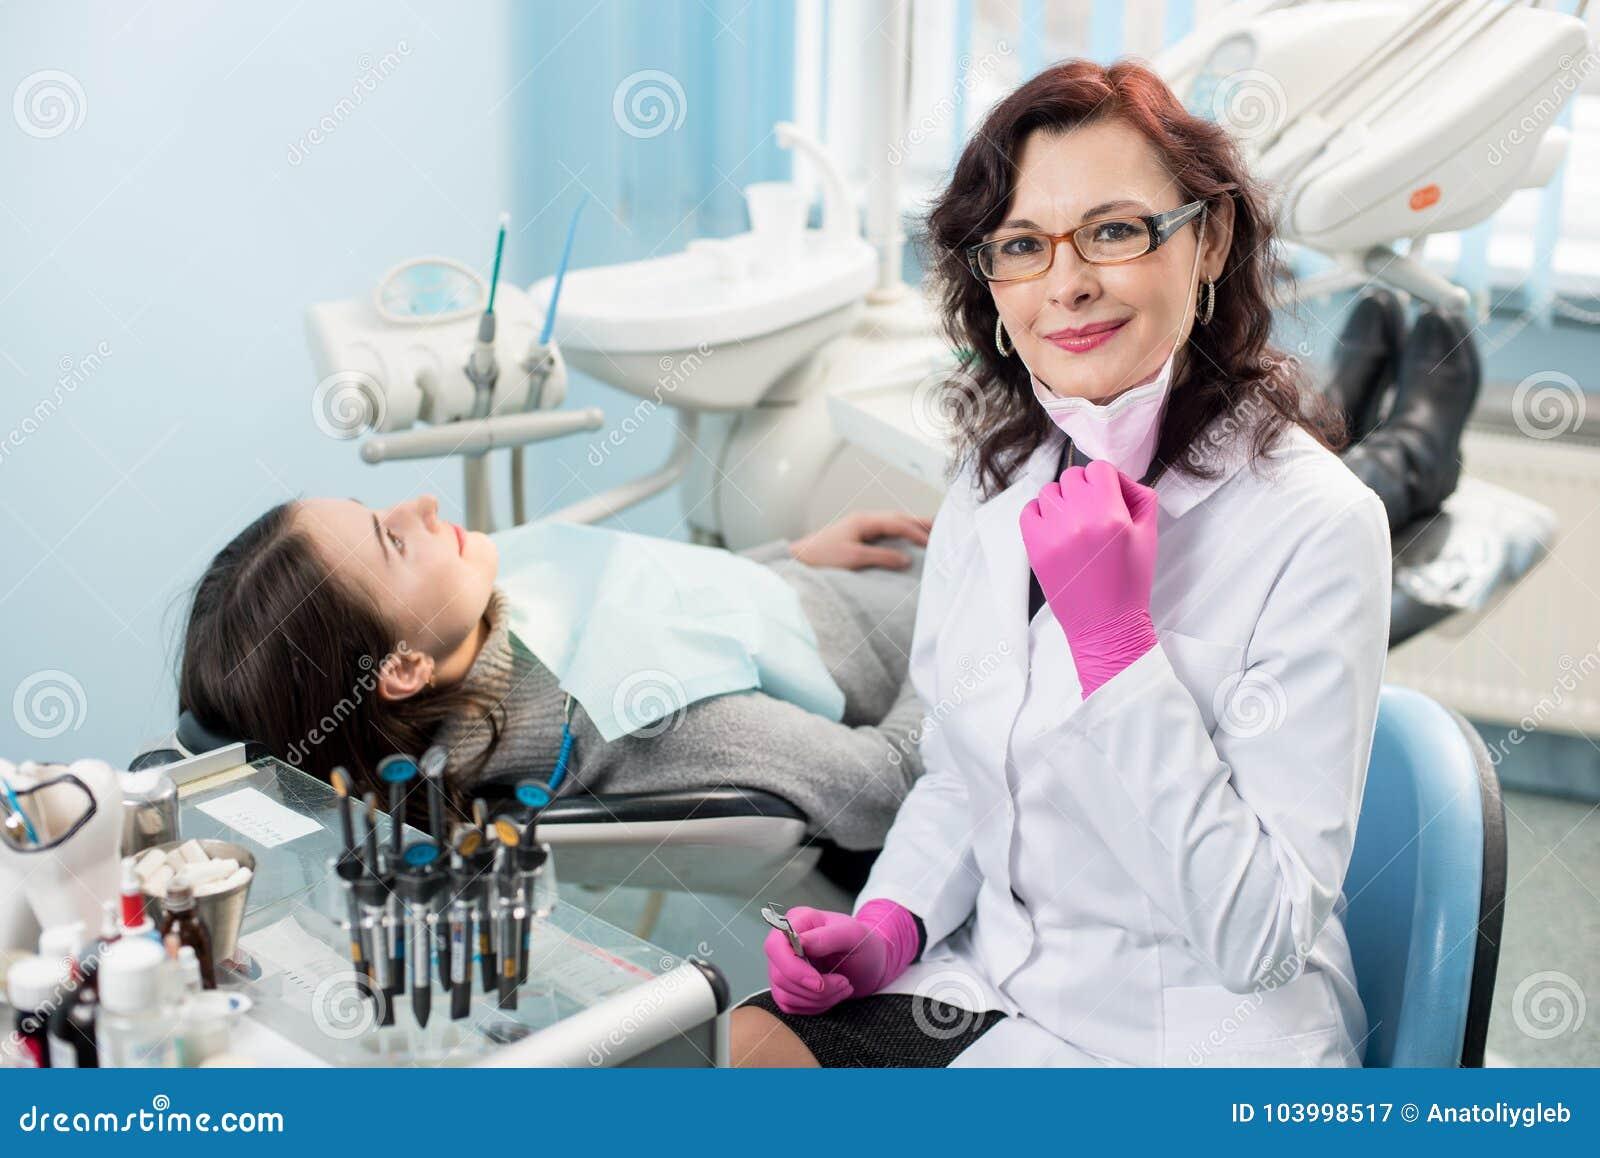 Πορτρέτο του φιλικού θηλυκού οδοντιάτρου υπό την προεδρία του ασθενή στο οδοντικό γραφείο